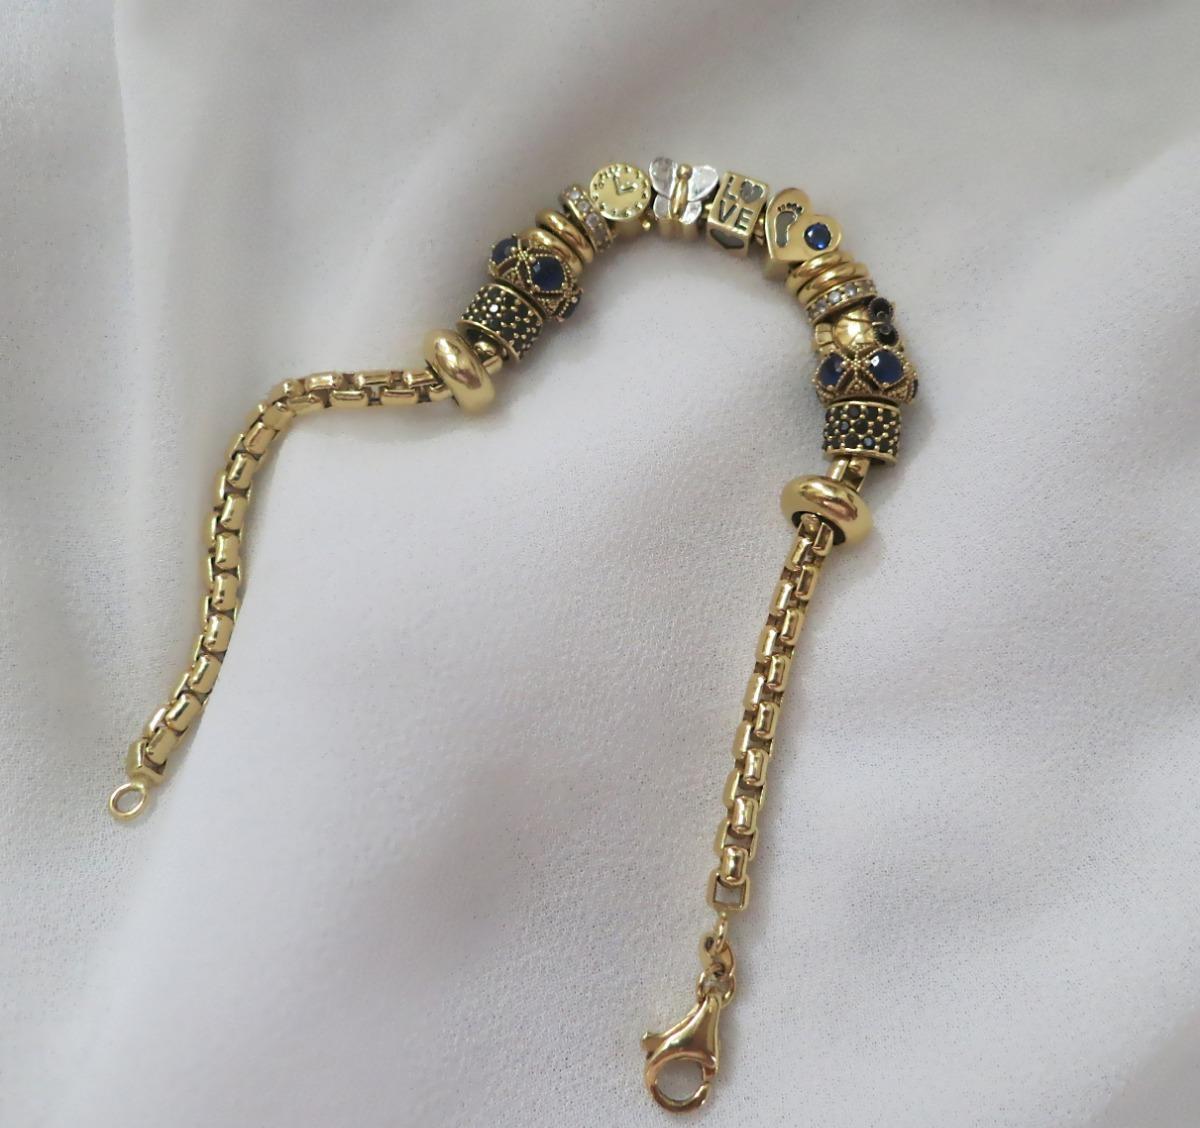 d9ebec38bc3 pulseira com muitos pingentes estilo pandora ouro amarelo. Carregando zoom.